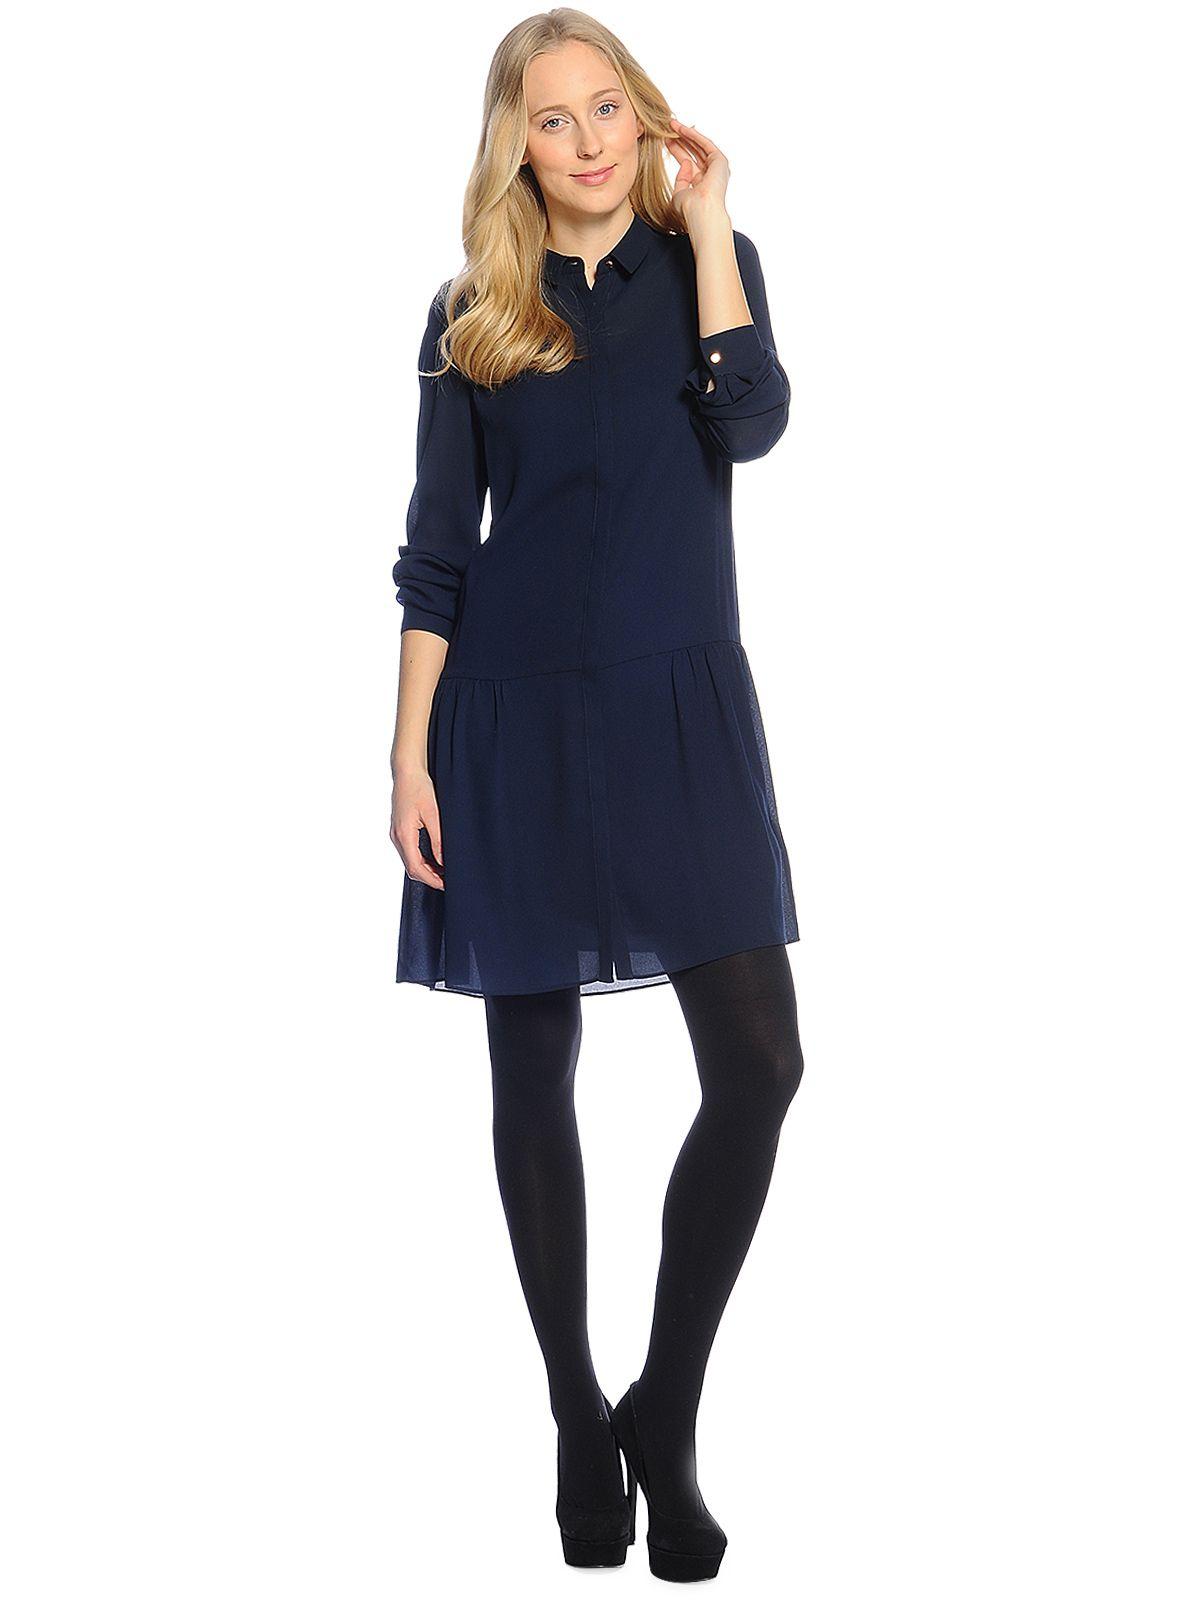 Tommy Hilfiger Kleid navy € 79,99 | -50% günstiger kaufen ...